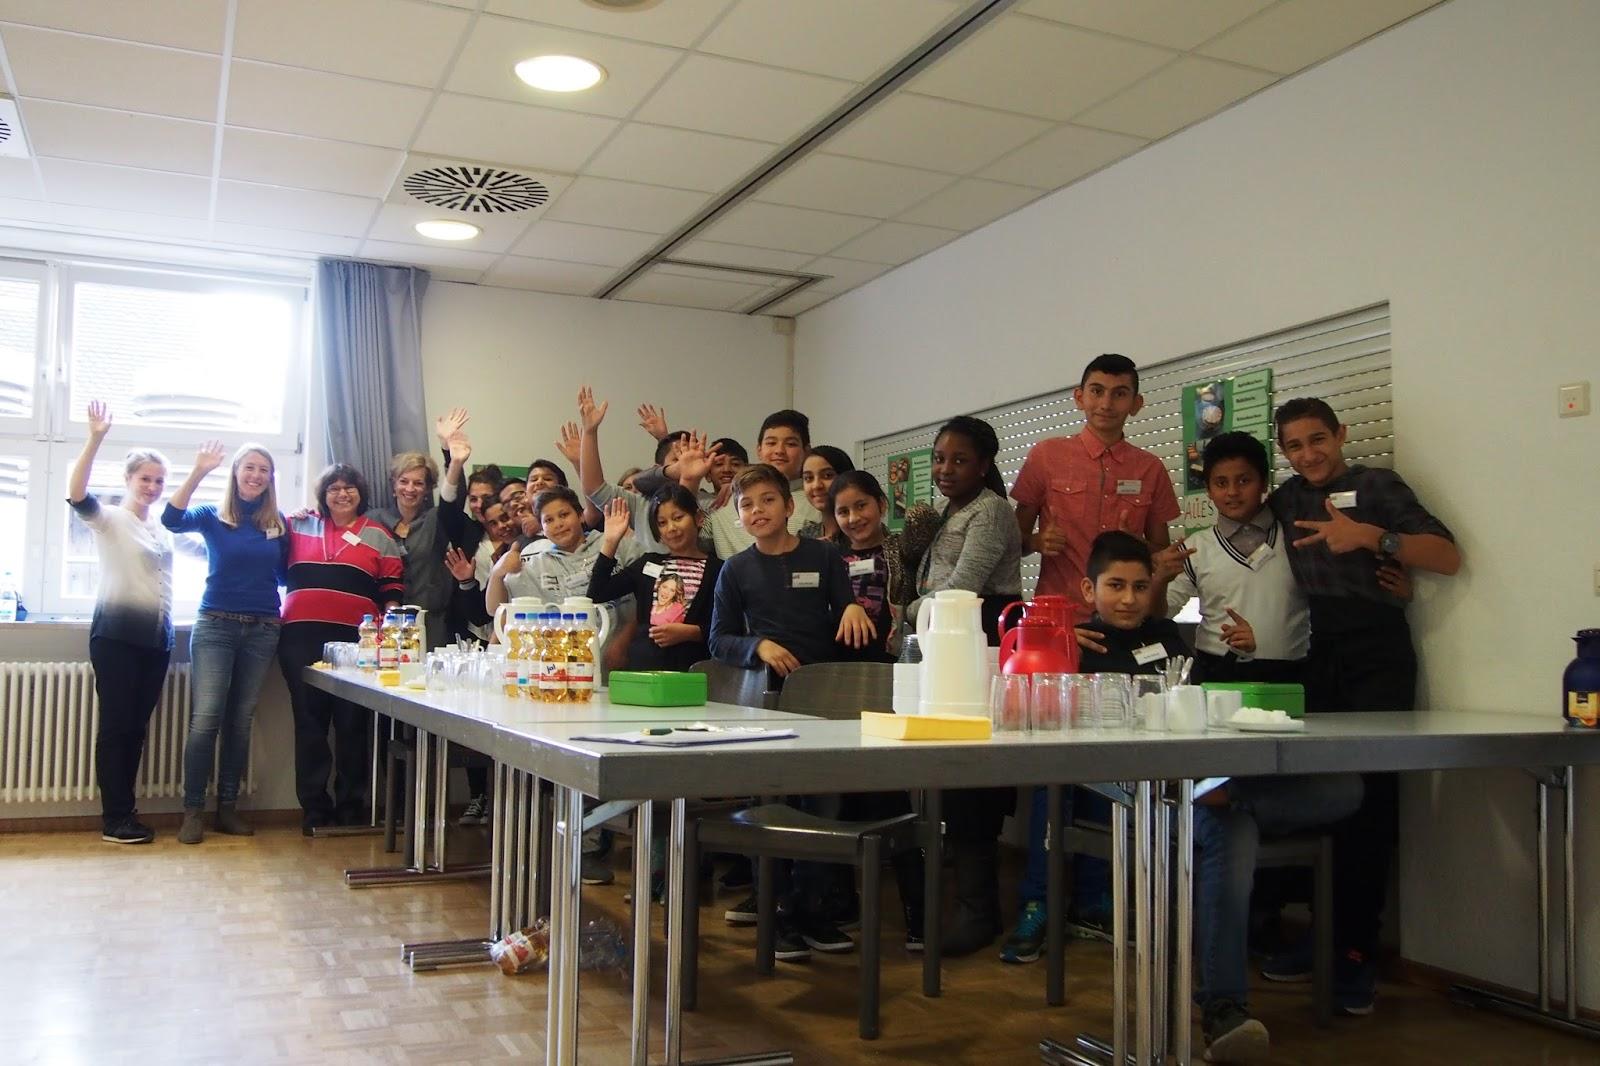 Küchendienst Aufgaben ~ lessingschule cateringsauftrag beim praxisforum am 21 oktober 2015